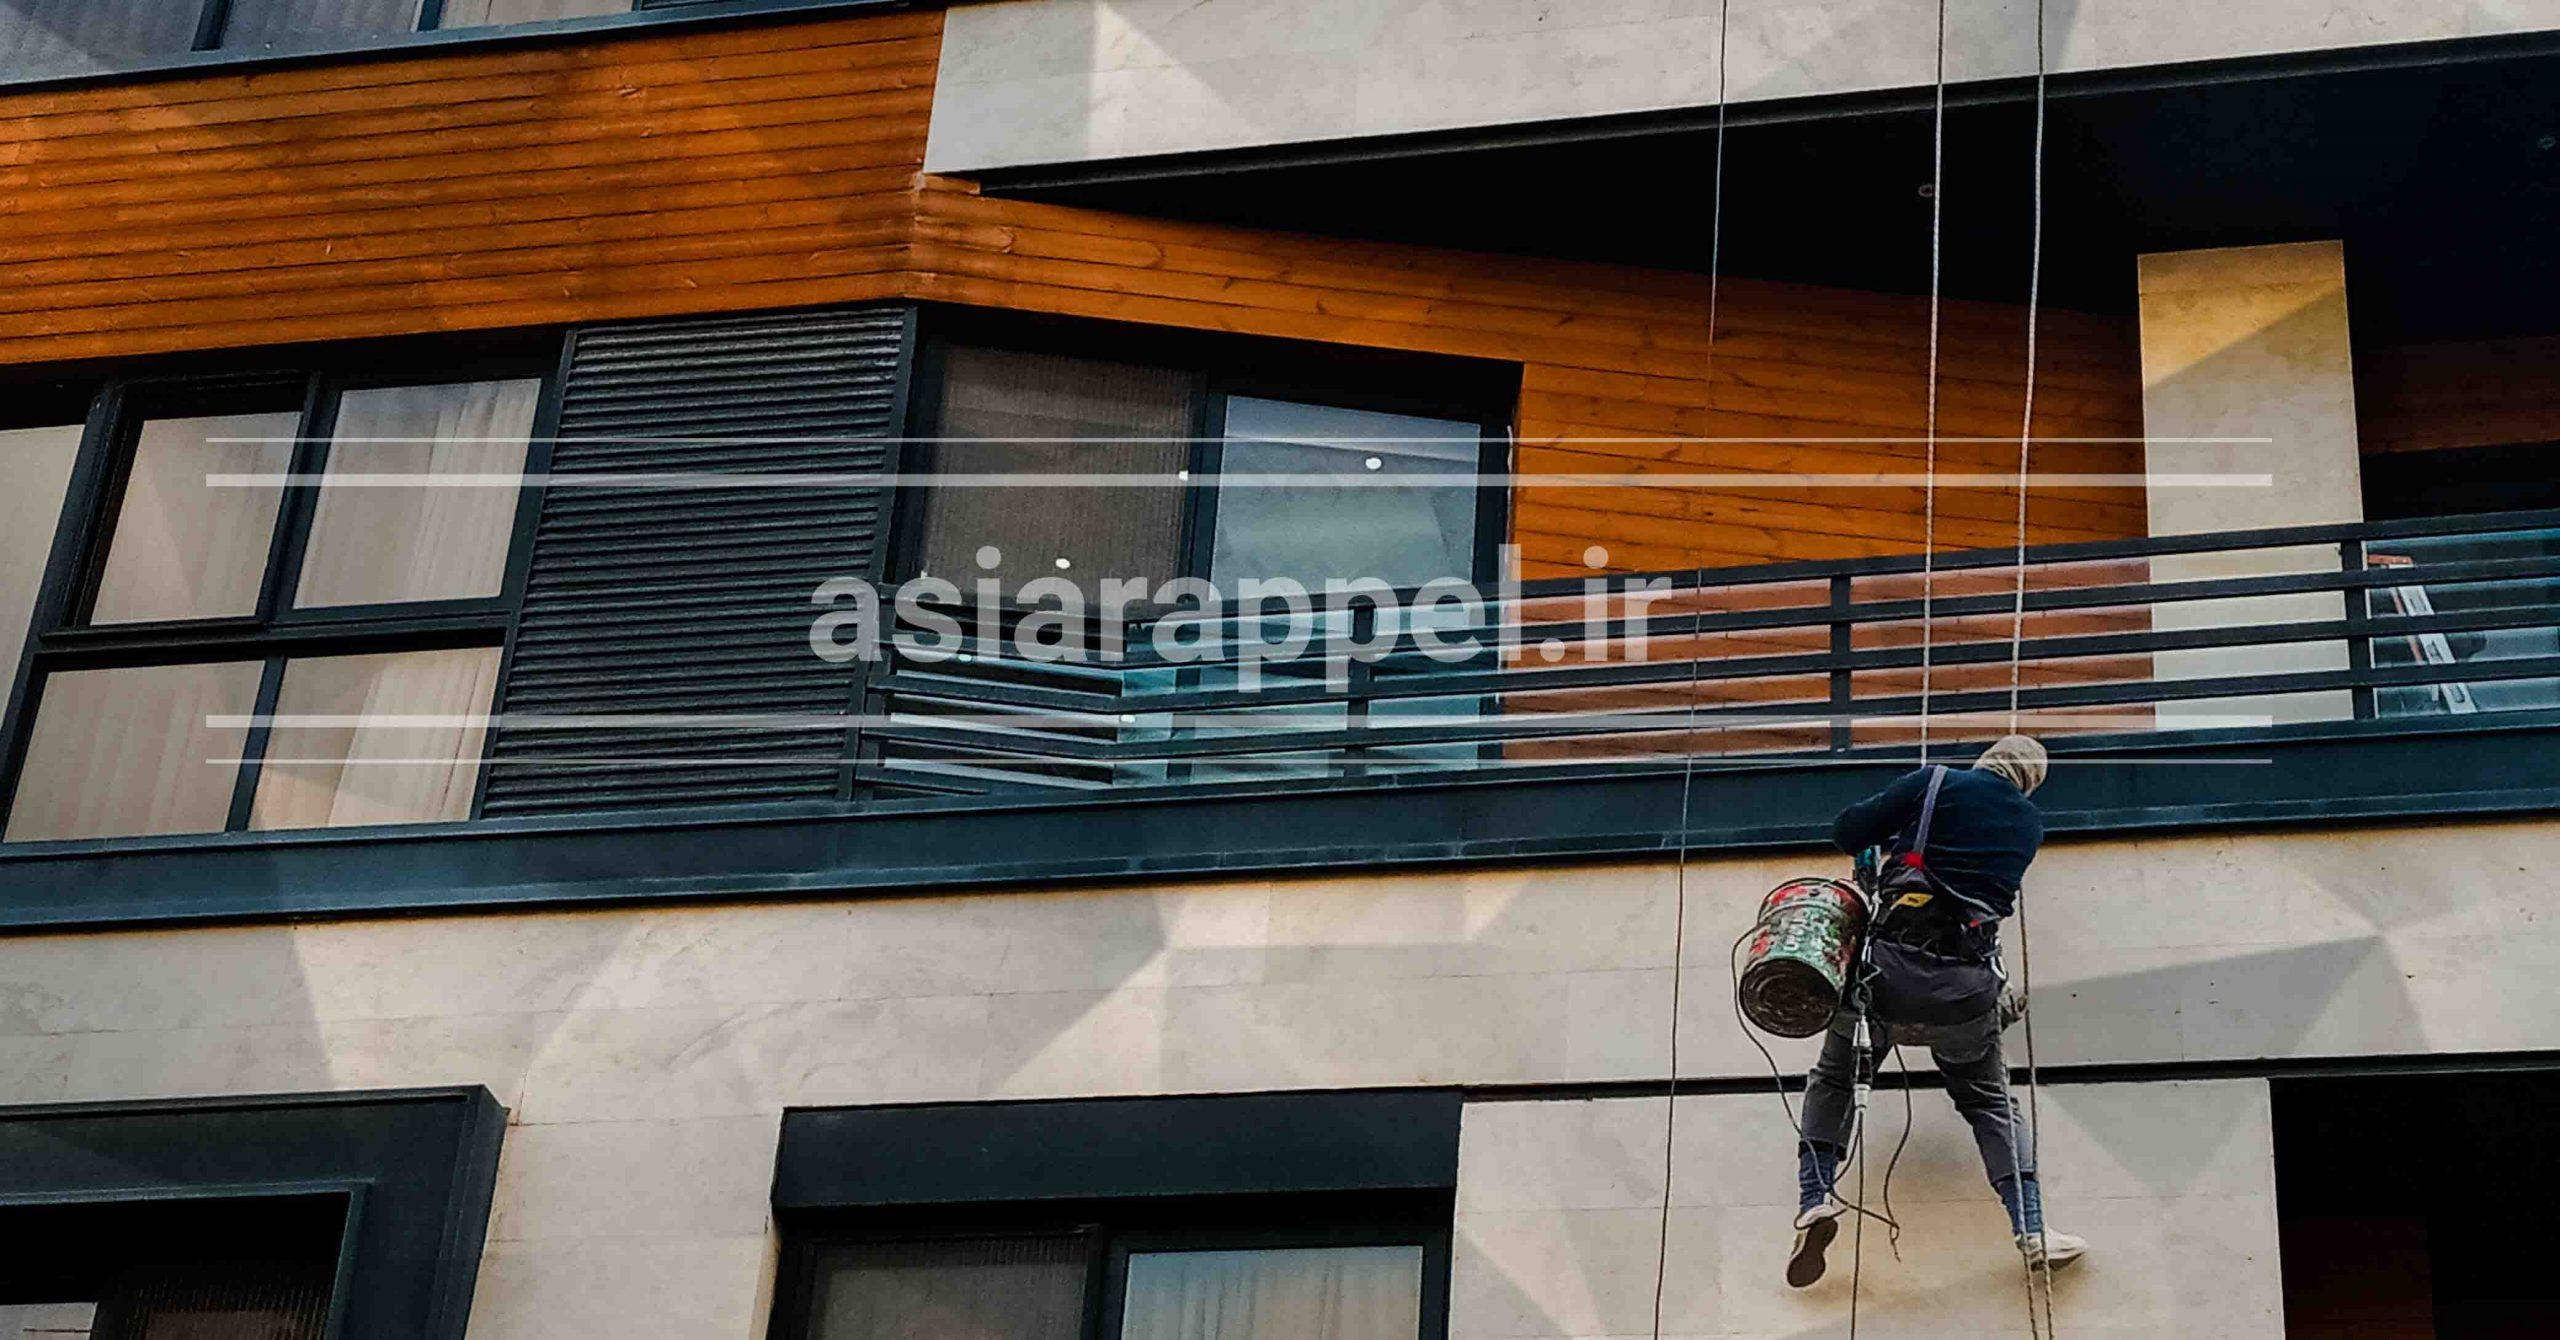 نماشویی با طناب یکی از خدمات مهم تهران راپل در تهران است ما برای ارائه این نوع از خدمات از طناب استفاده میکنیم.